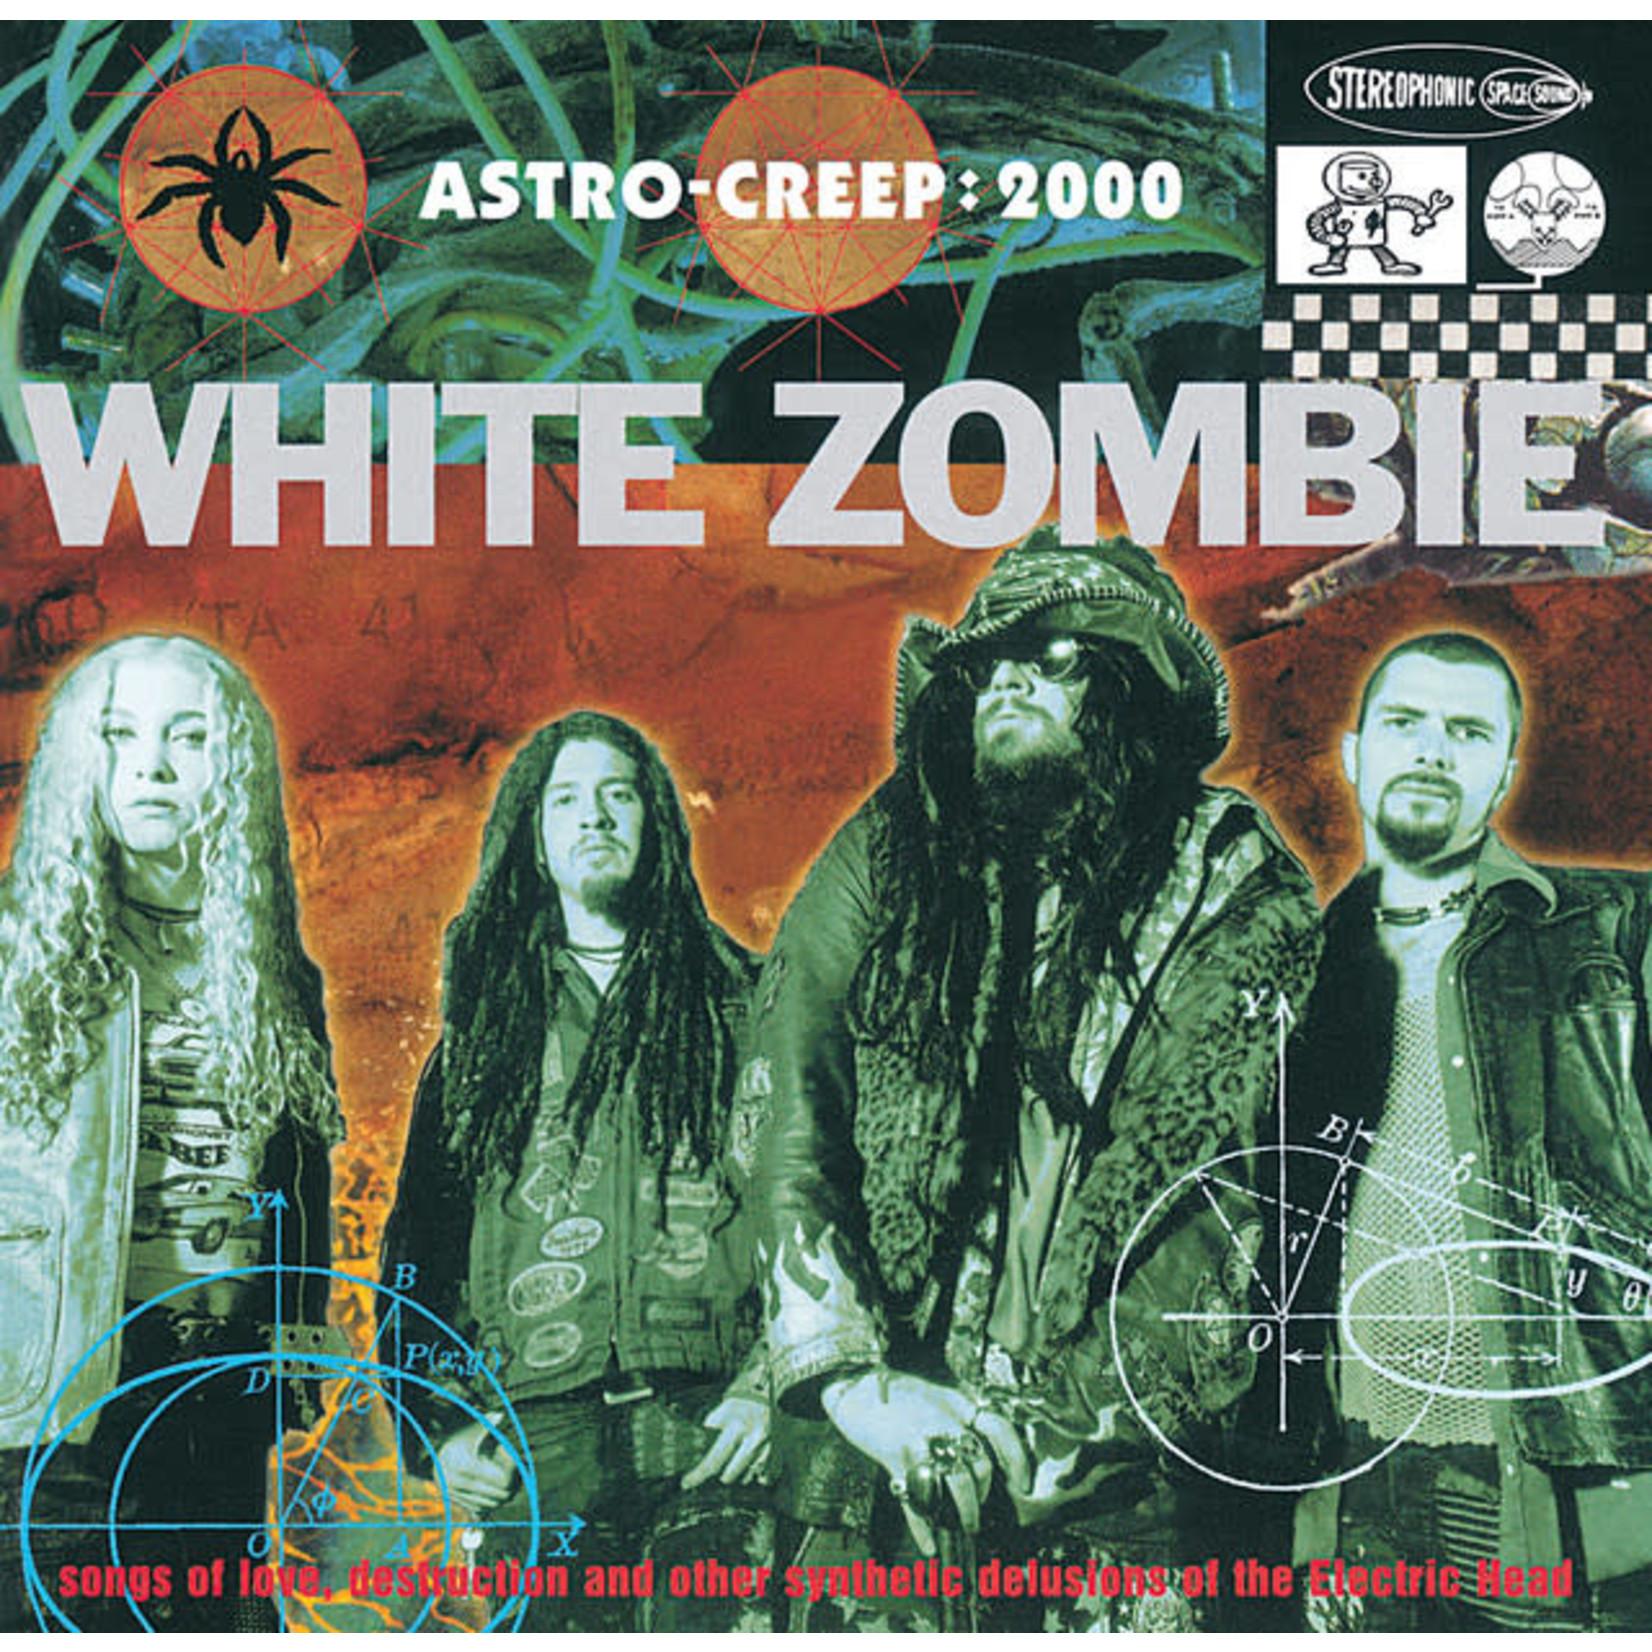 Vinyl White Zombie - Astro-Creep: 2000